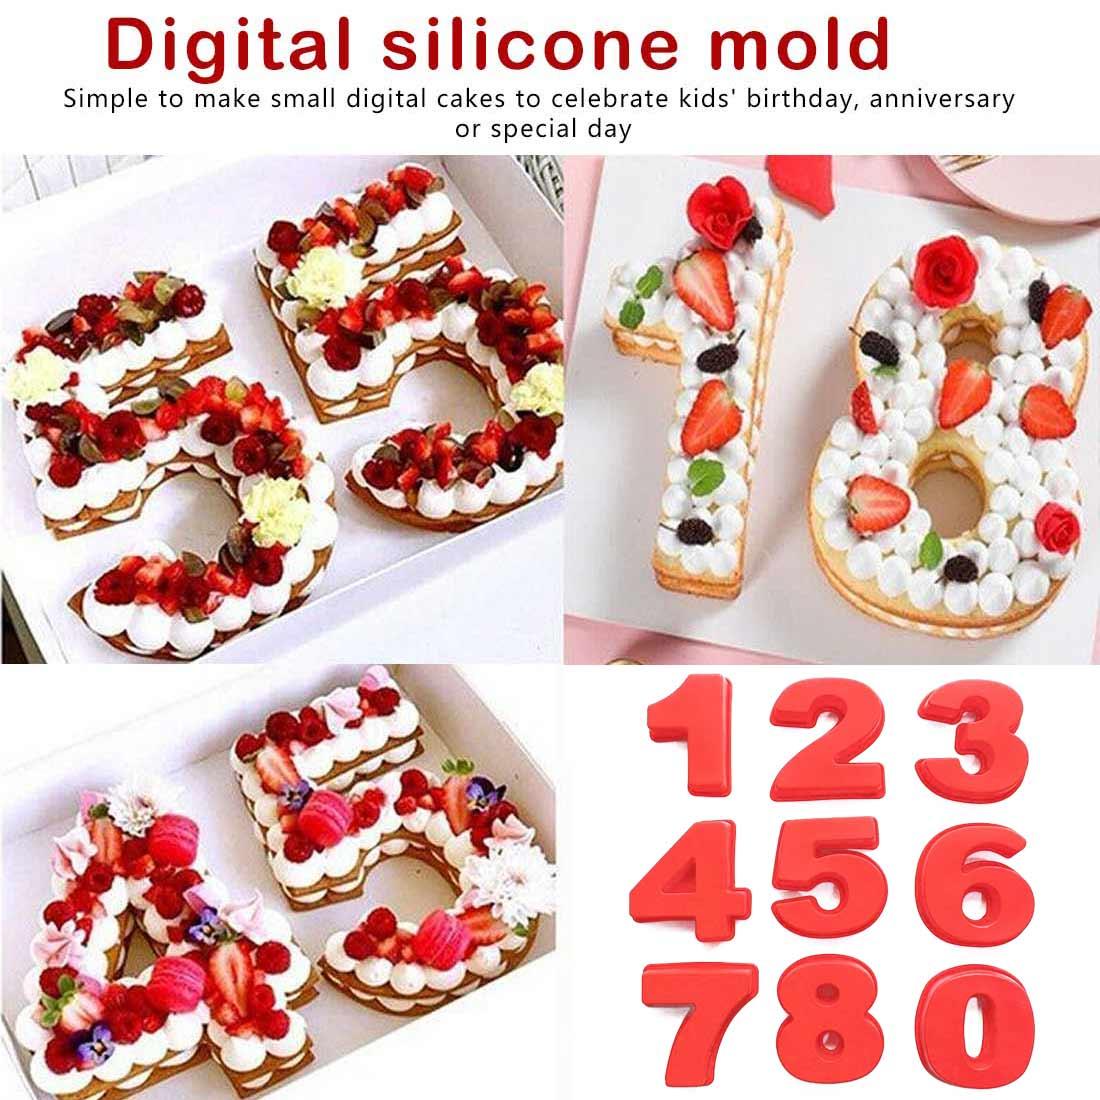 Silicone Baking Number Cake Mold Baking Molds for Wedding Birthday Celebration